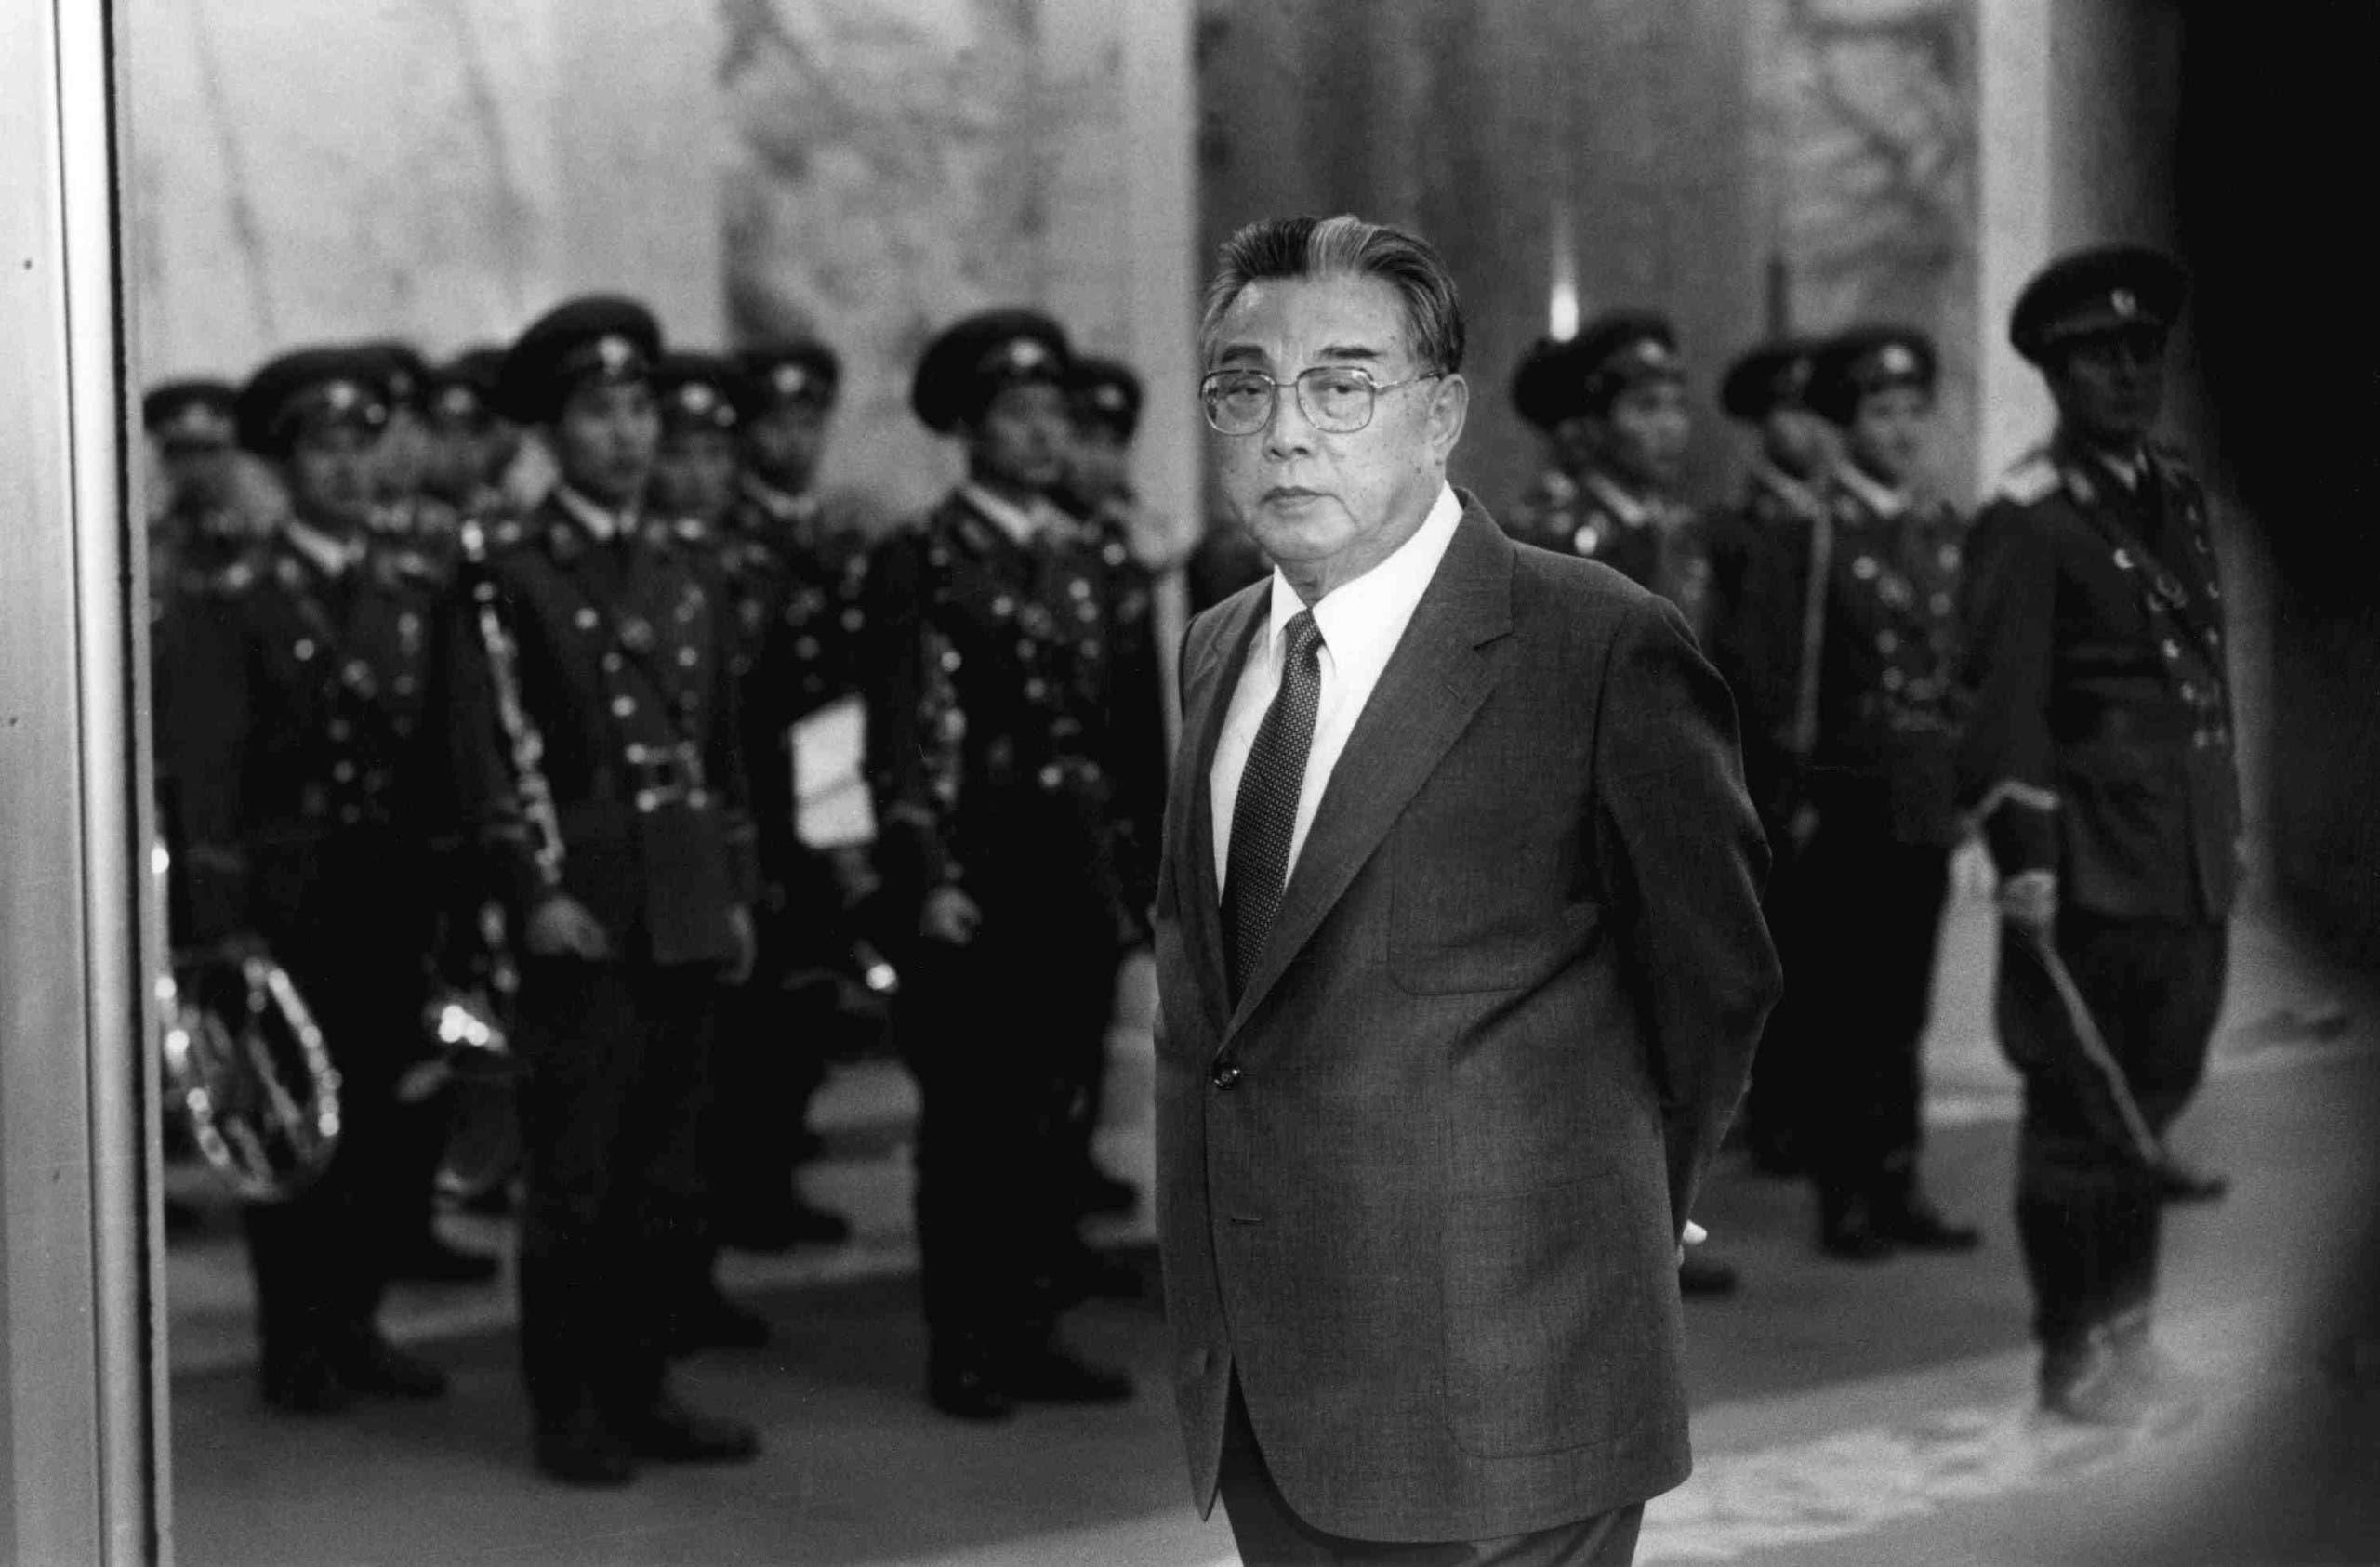 الزعيم الكوري كيم إل سونغ